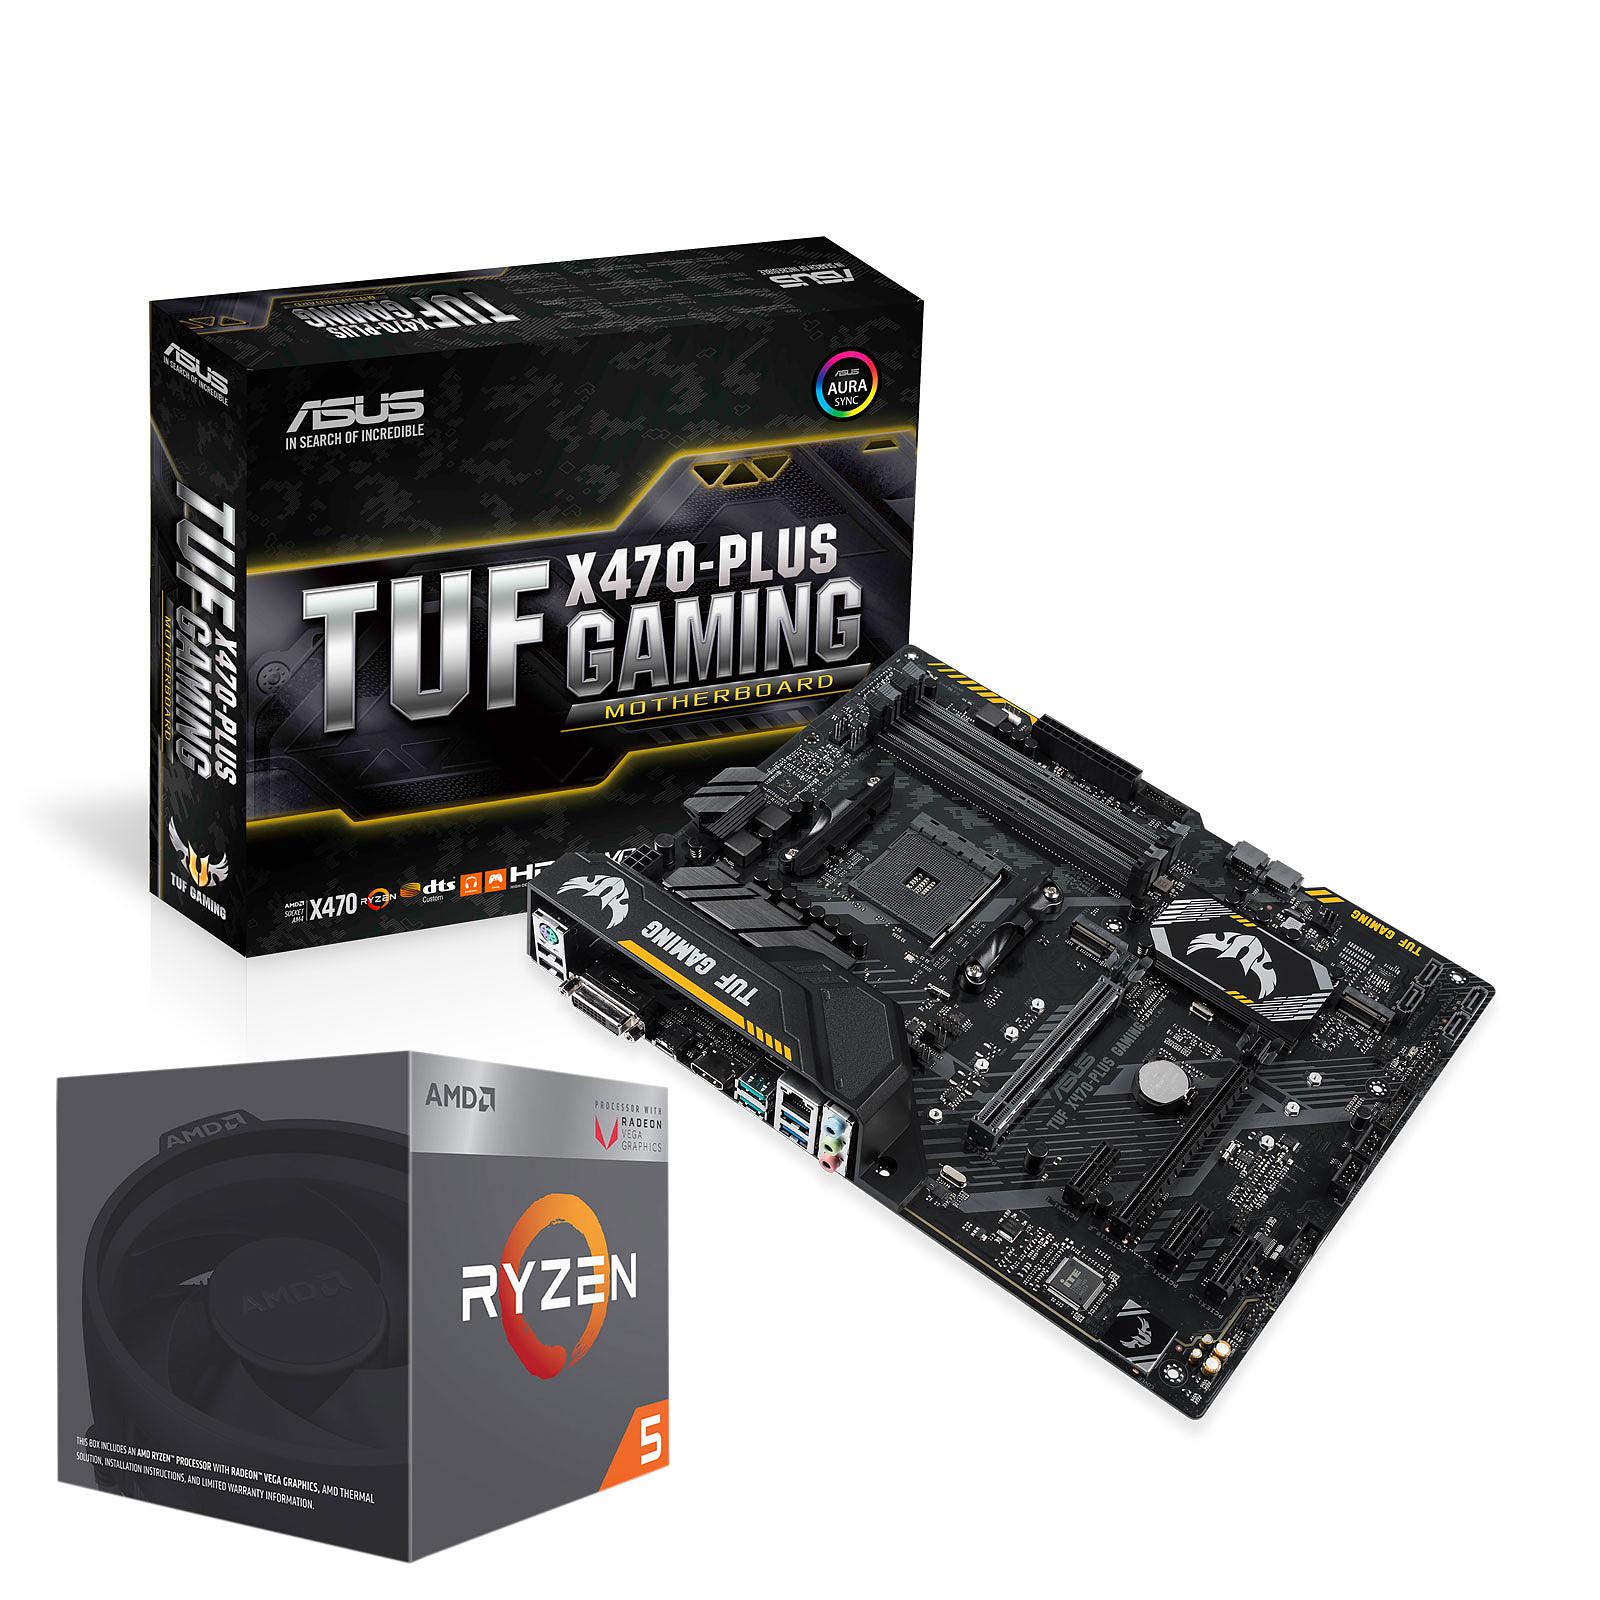 ASUS TUF X470-PLUS GAMING + AMD Ryzen 5 2400G